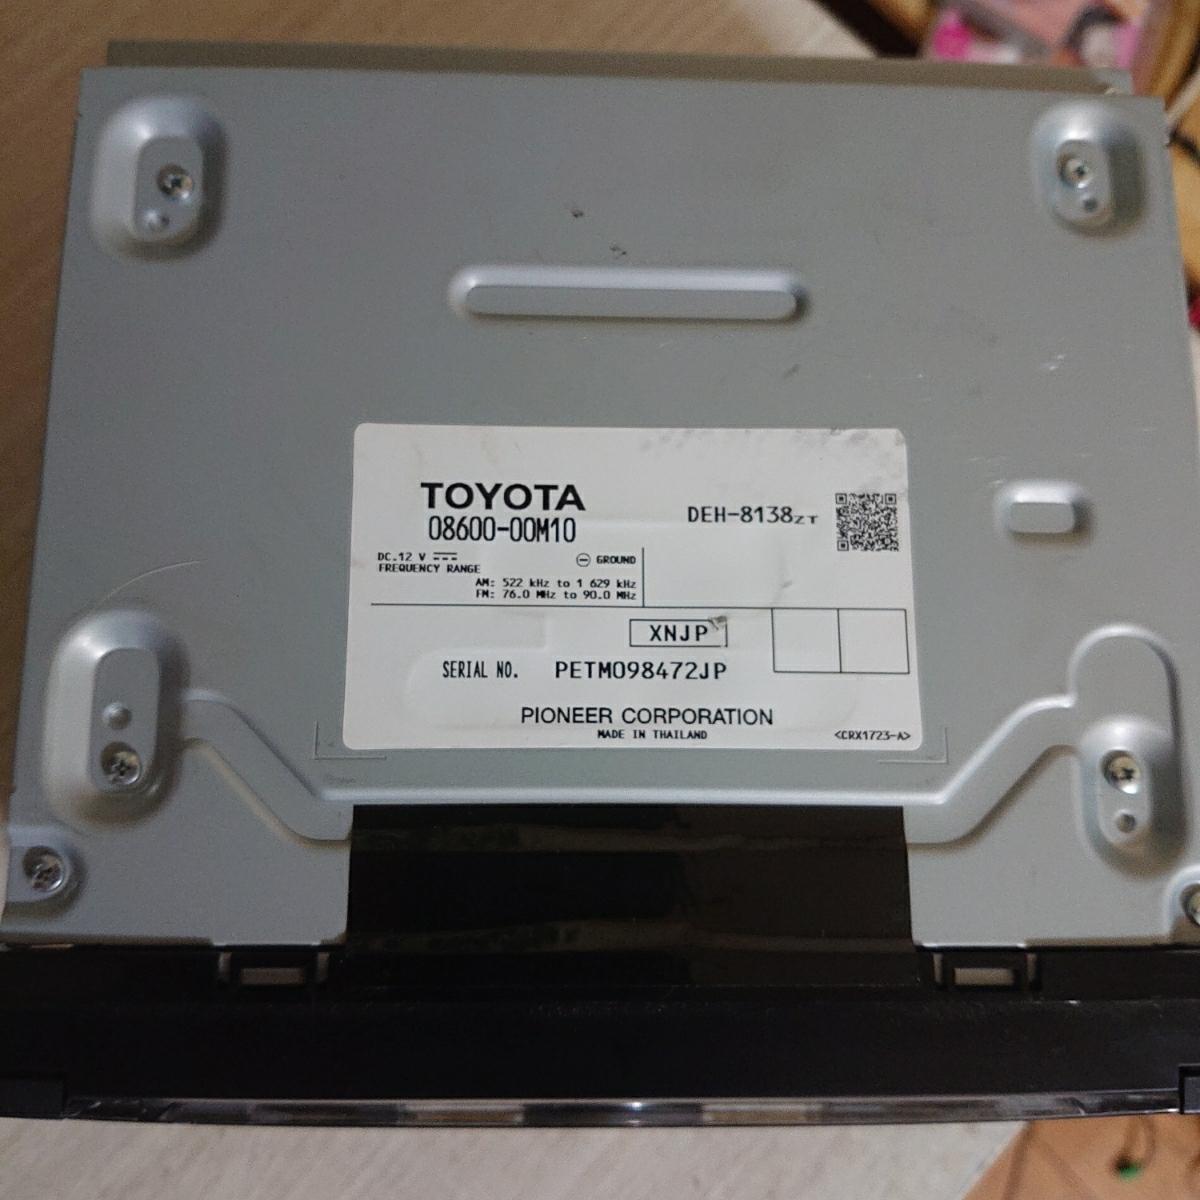 売り切り♪♪♪トヨタ純正 Pioneer CDプレーヤー CP-W64 DEH-8138zt 08600-00M10 USB.AUX♪♪_画像7